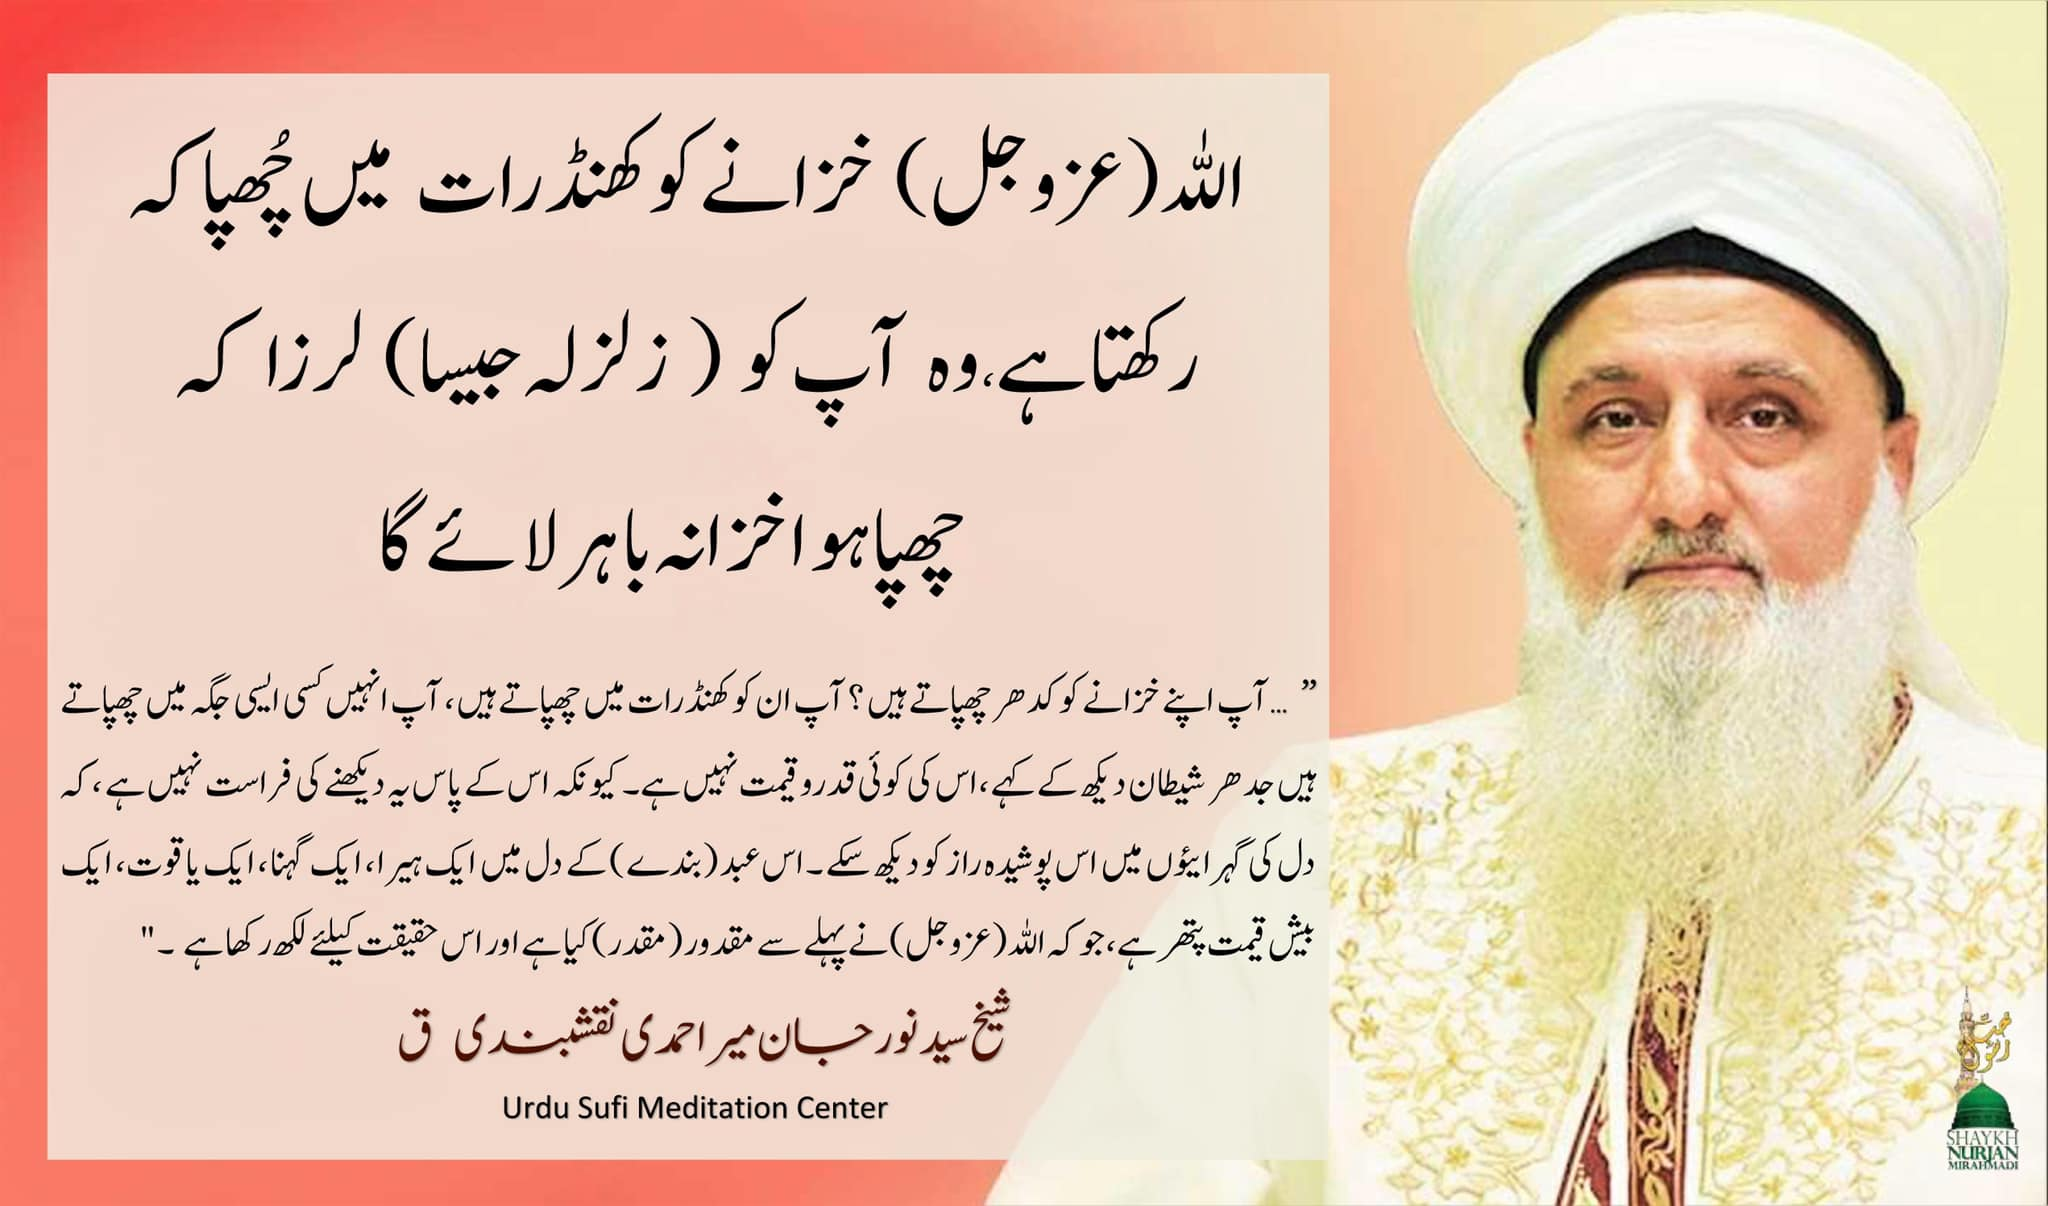 بِسْمِ اللَّهِ الرَّحْمَنِ الرَّحِيم Exhibit the best of manners| Allah (AJ) h...